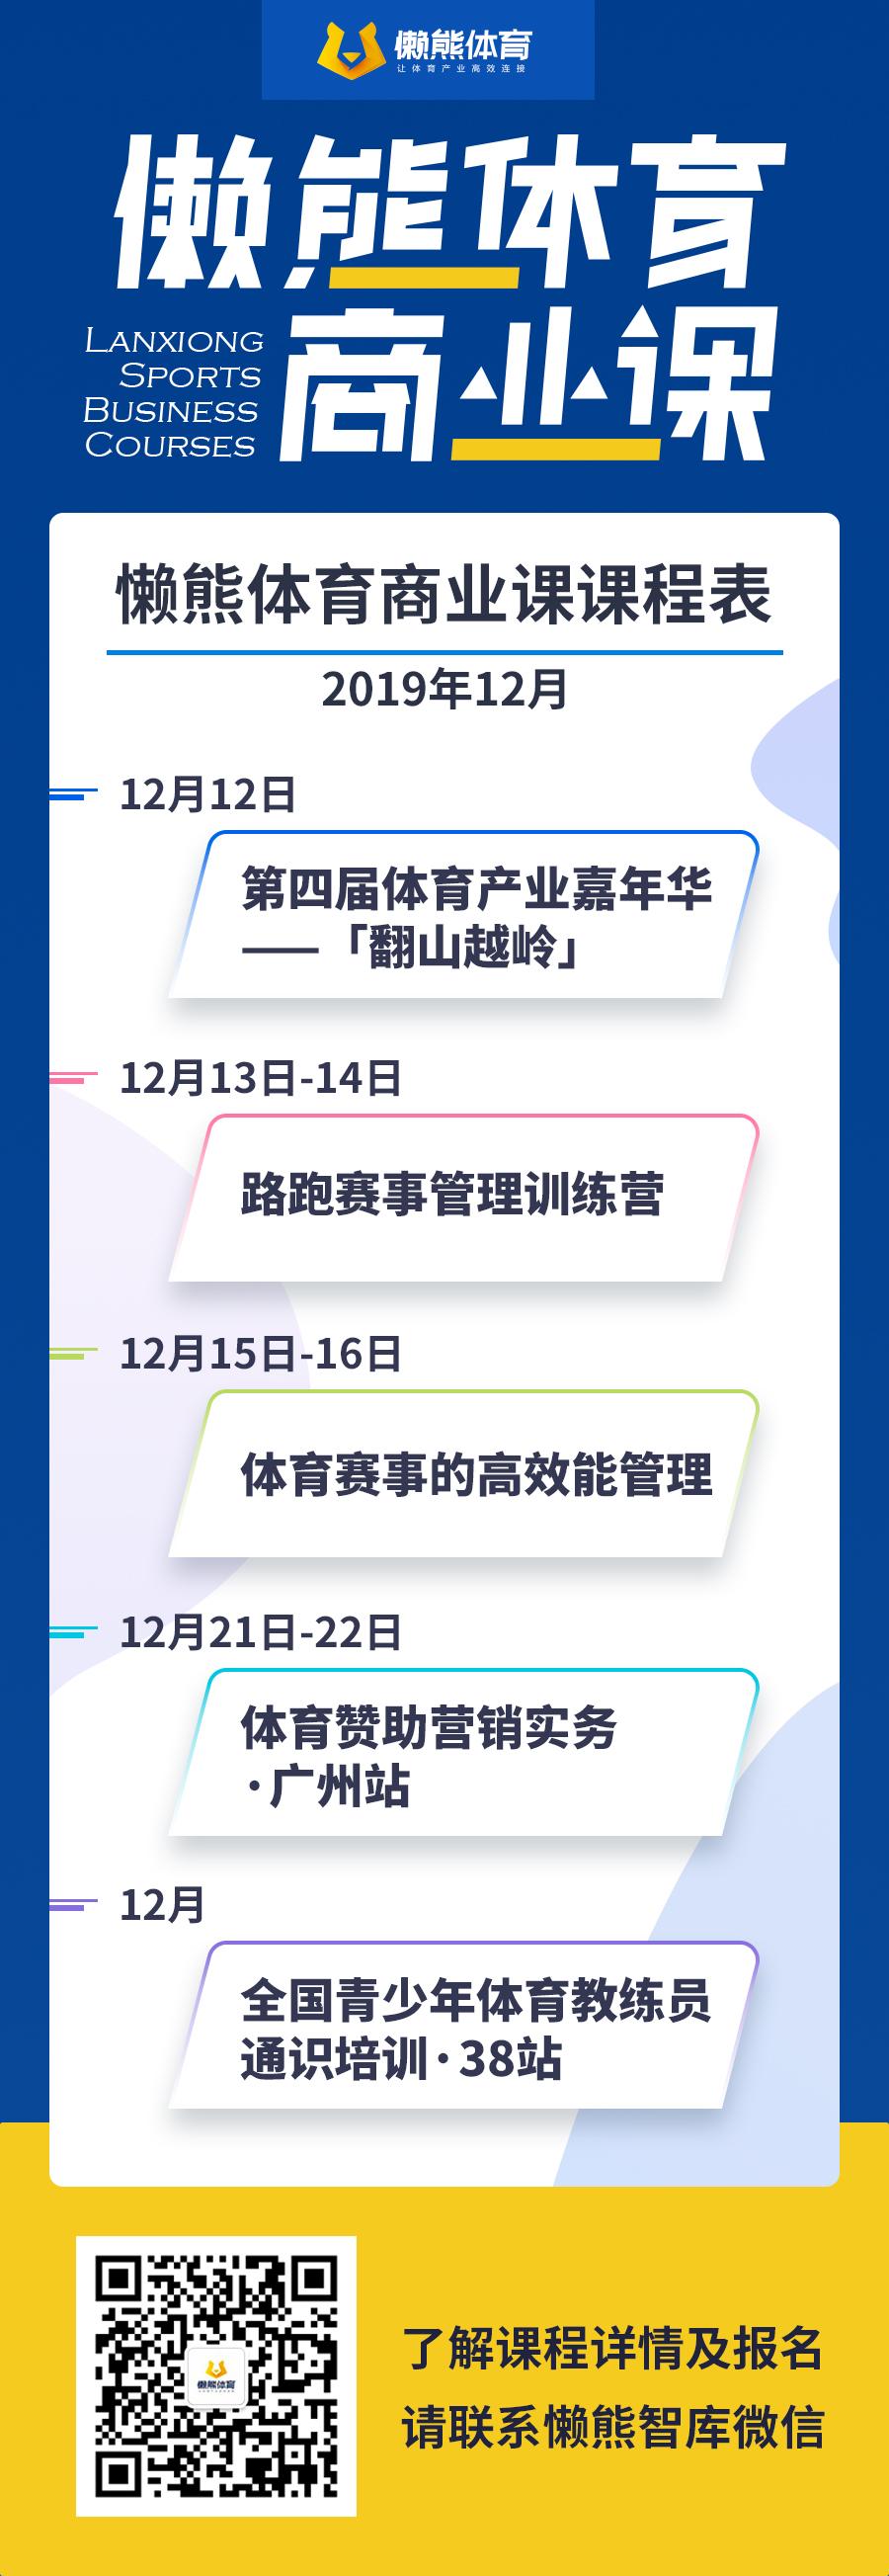 """北京冬奥村主题结构提前封顶,建设过程秉持""""绿色办奥""""理念"""